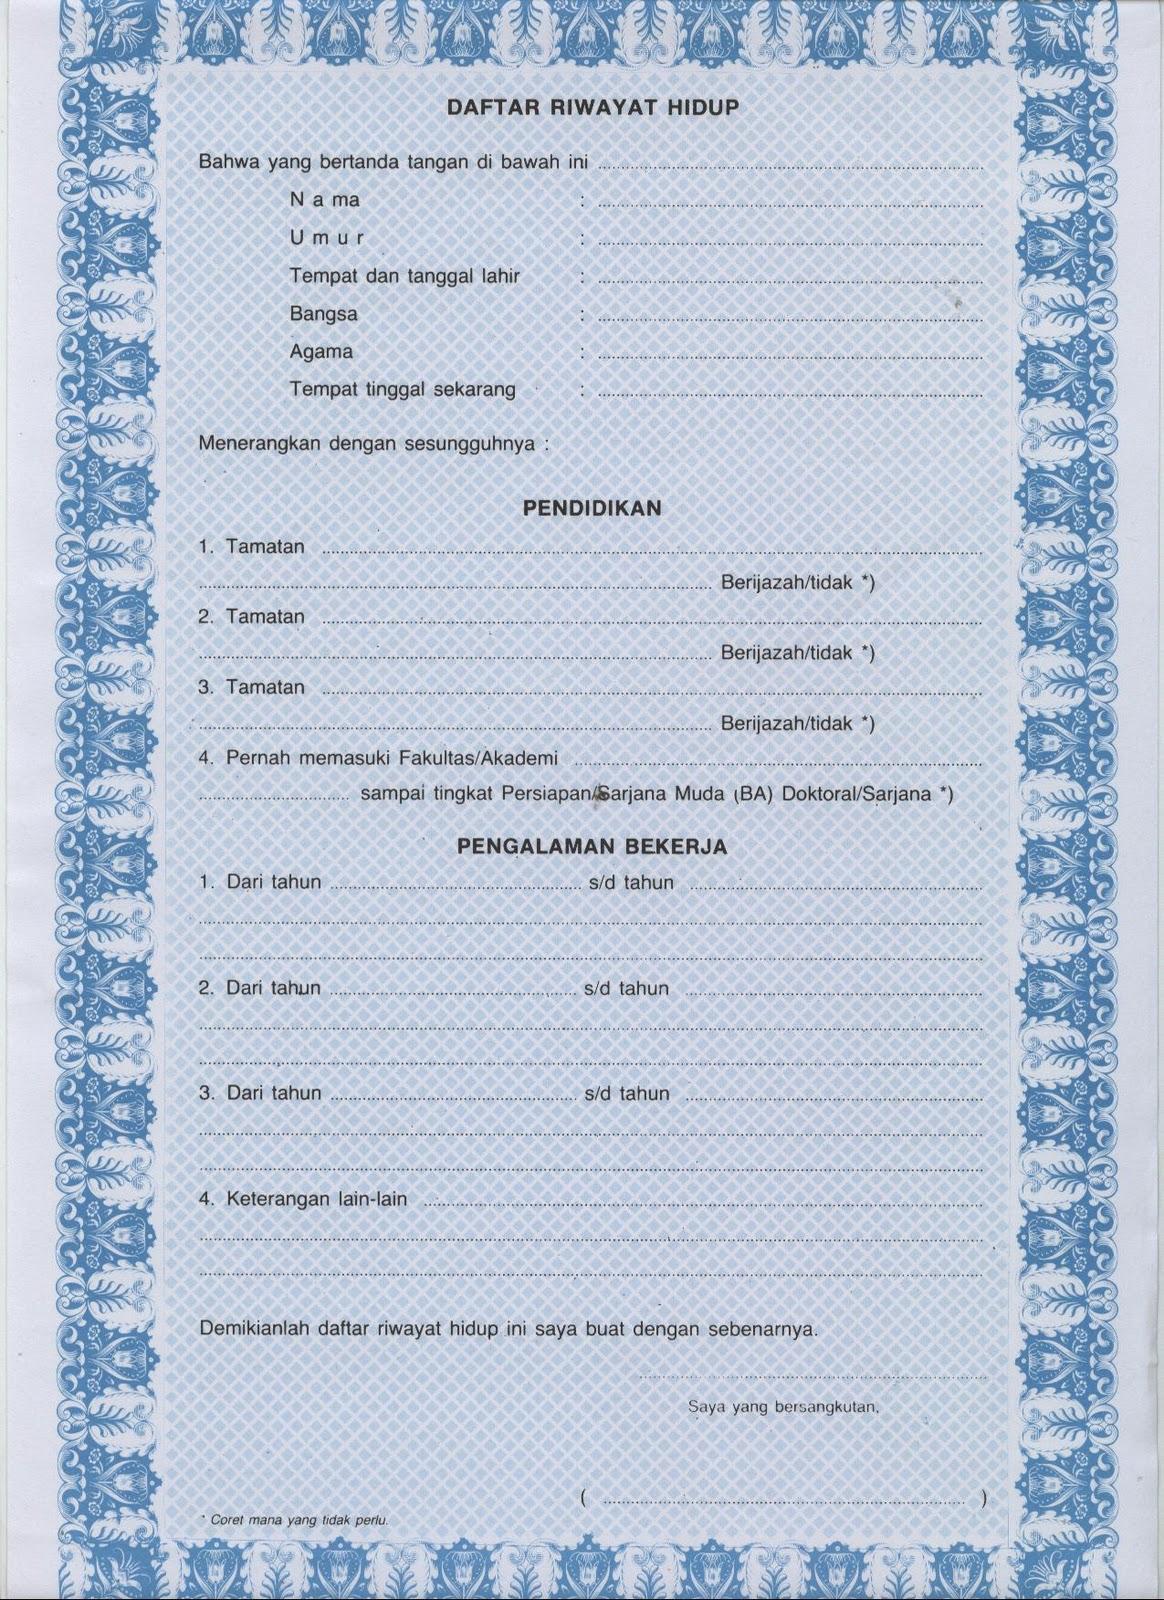 Contoh Daftar Riwayat Hidup Curiculum Vitae Atau CV